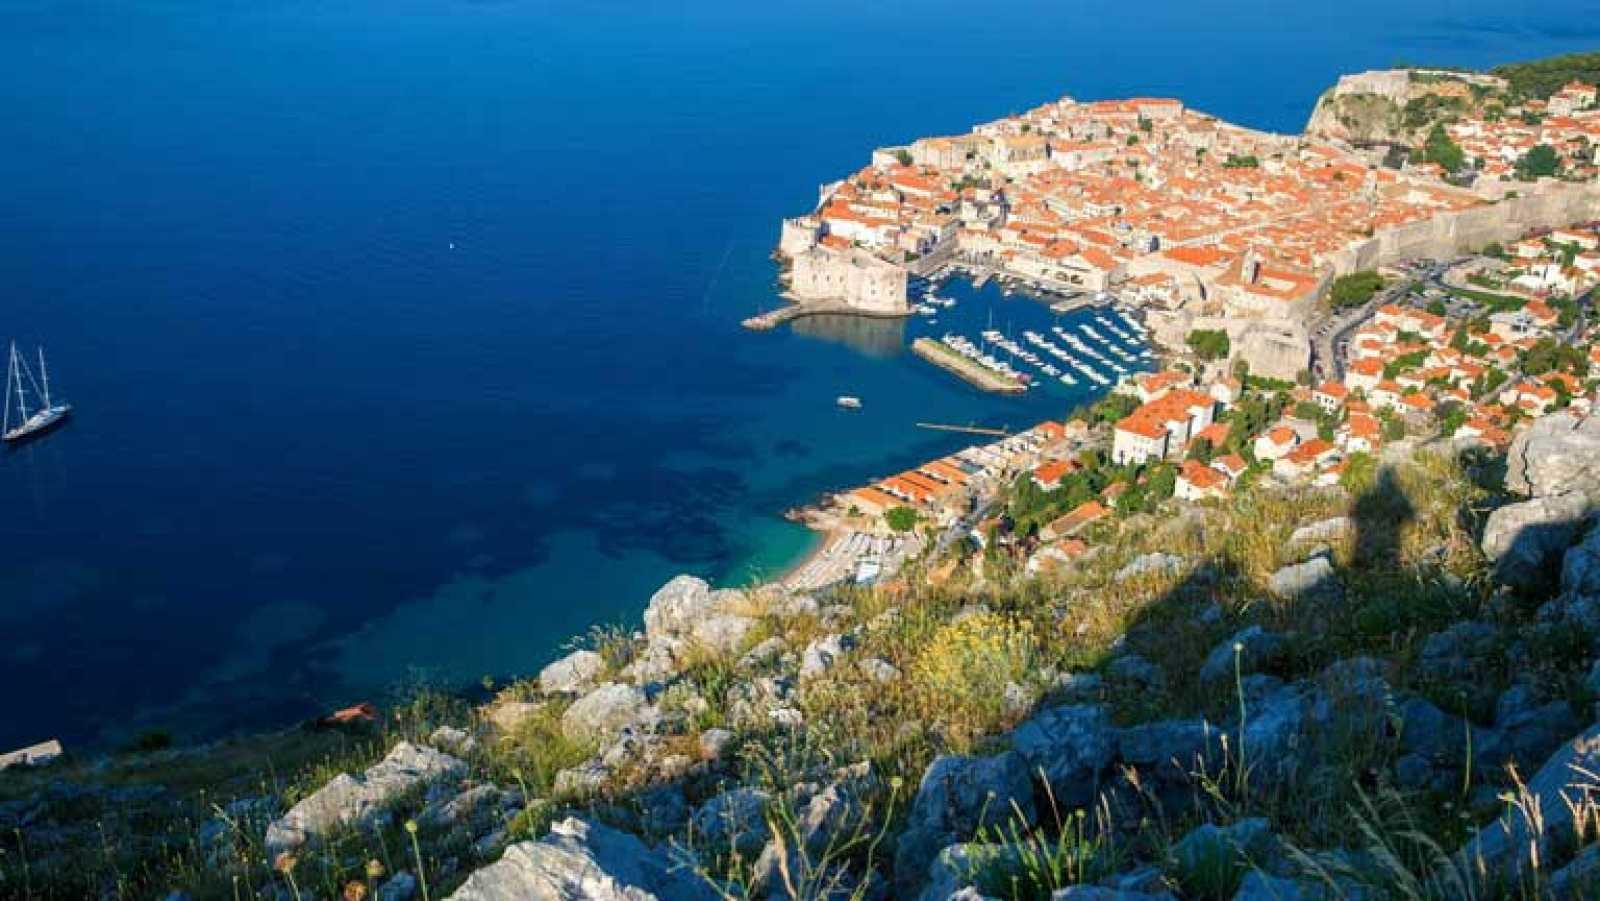 Croacia se convierte en el Estado número 28 de la Unión Europea.